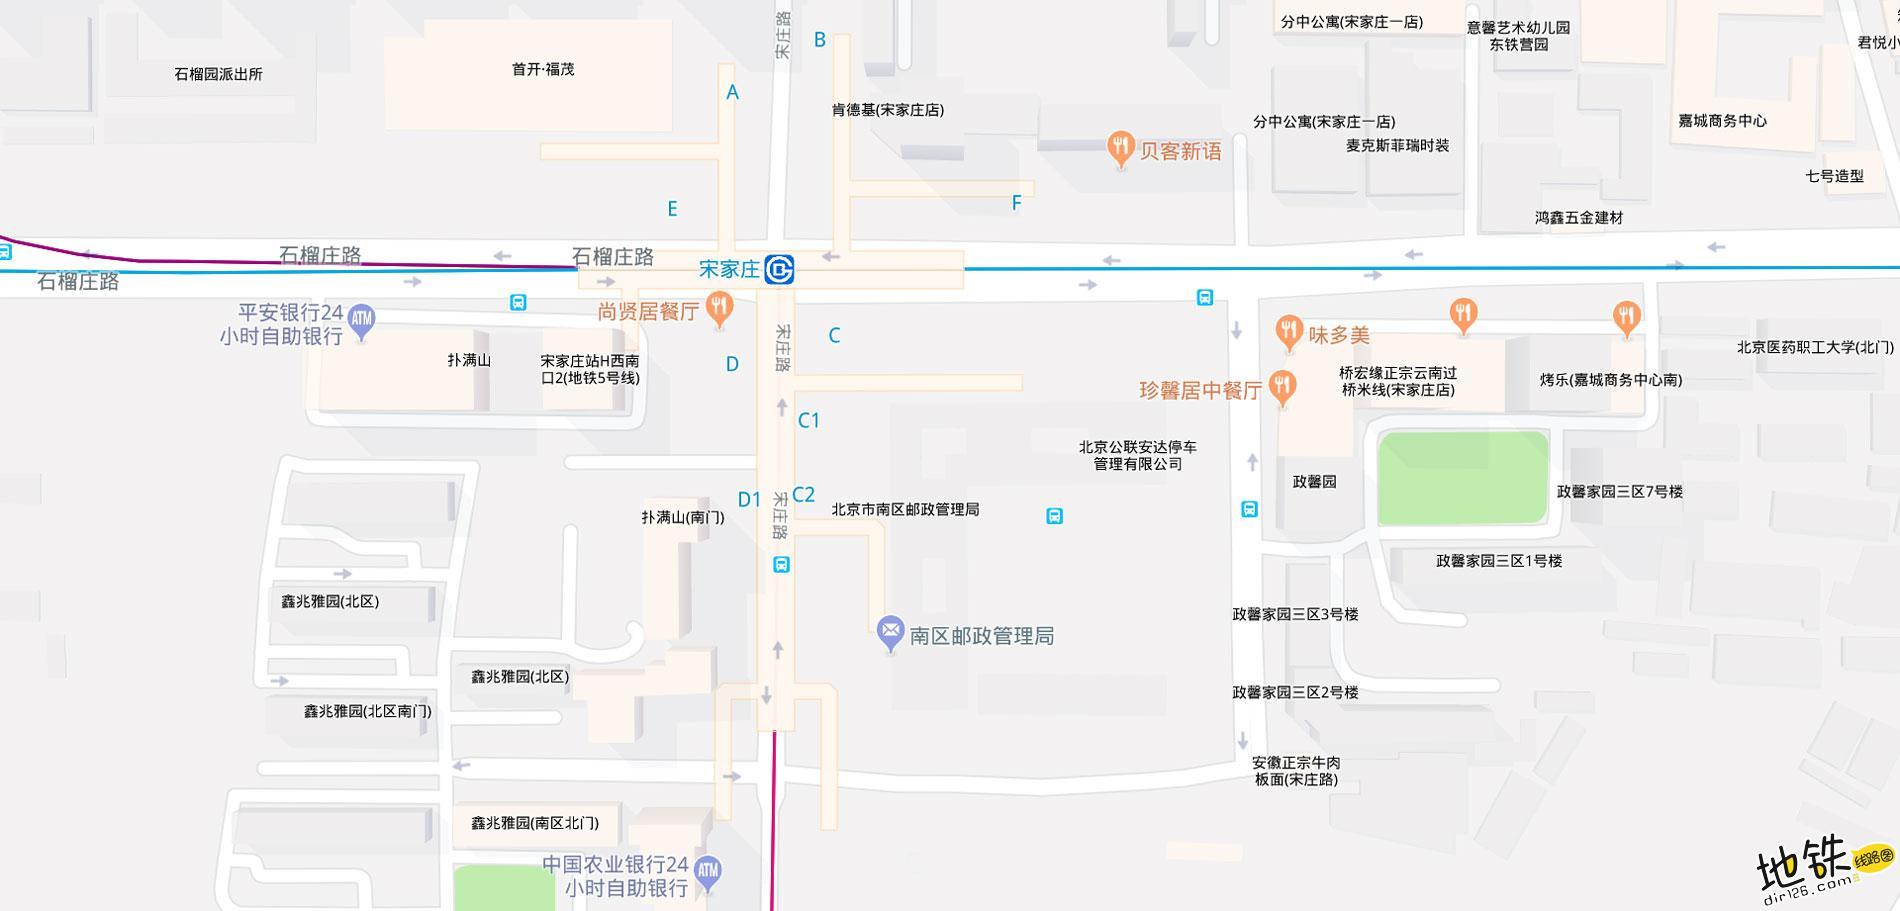 宋家庄地铁站 北京地铁宋家庄站出入口 地图信息查询  北京地铁站  第2张